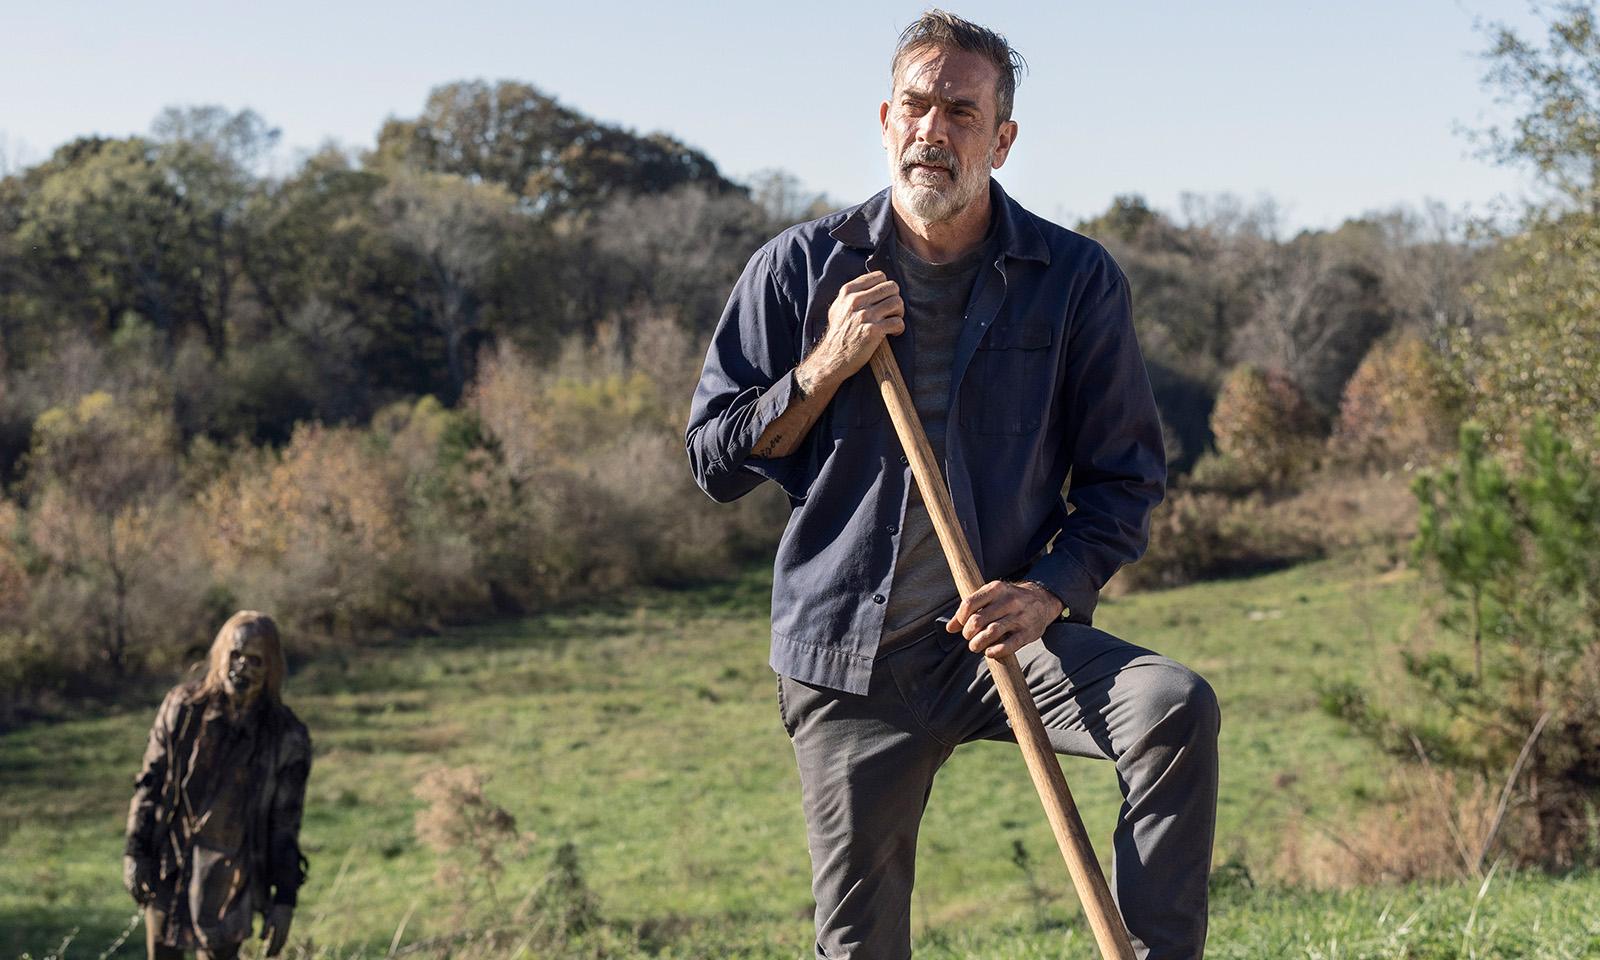 Negan procurando Lucille e um zumbi de fundo em imagem da 10ª temporada de The Walking Dead